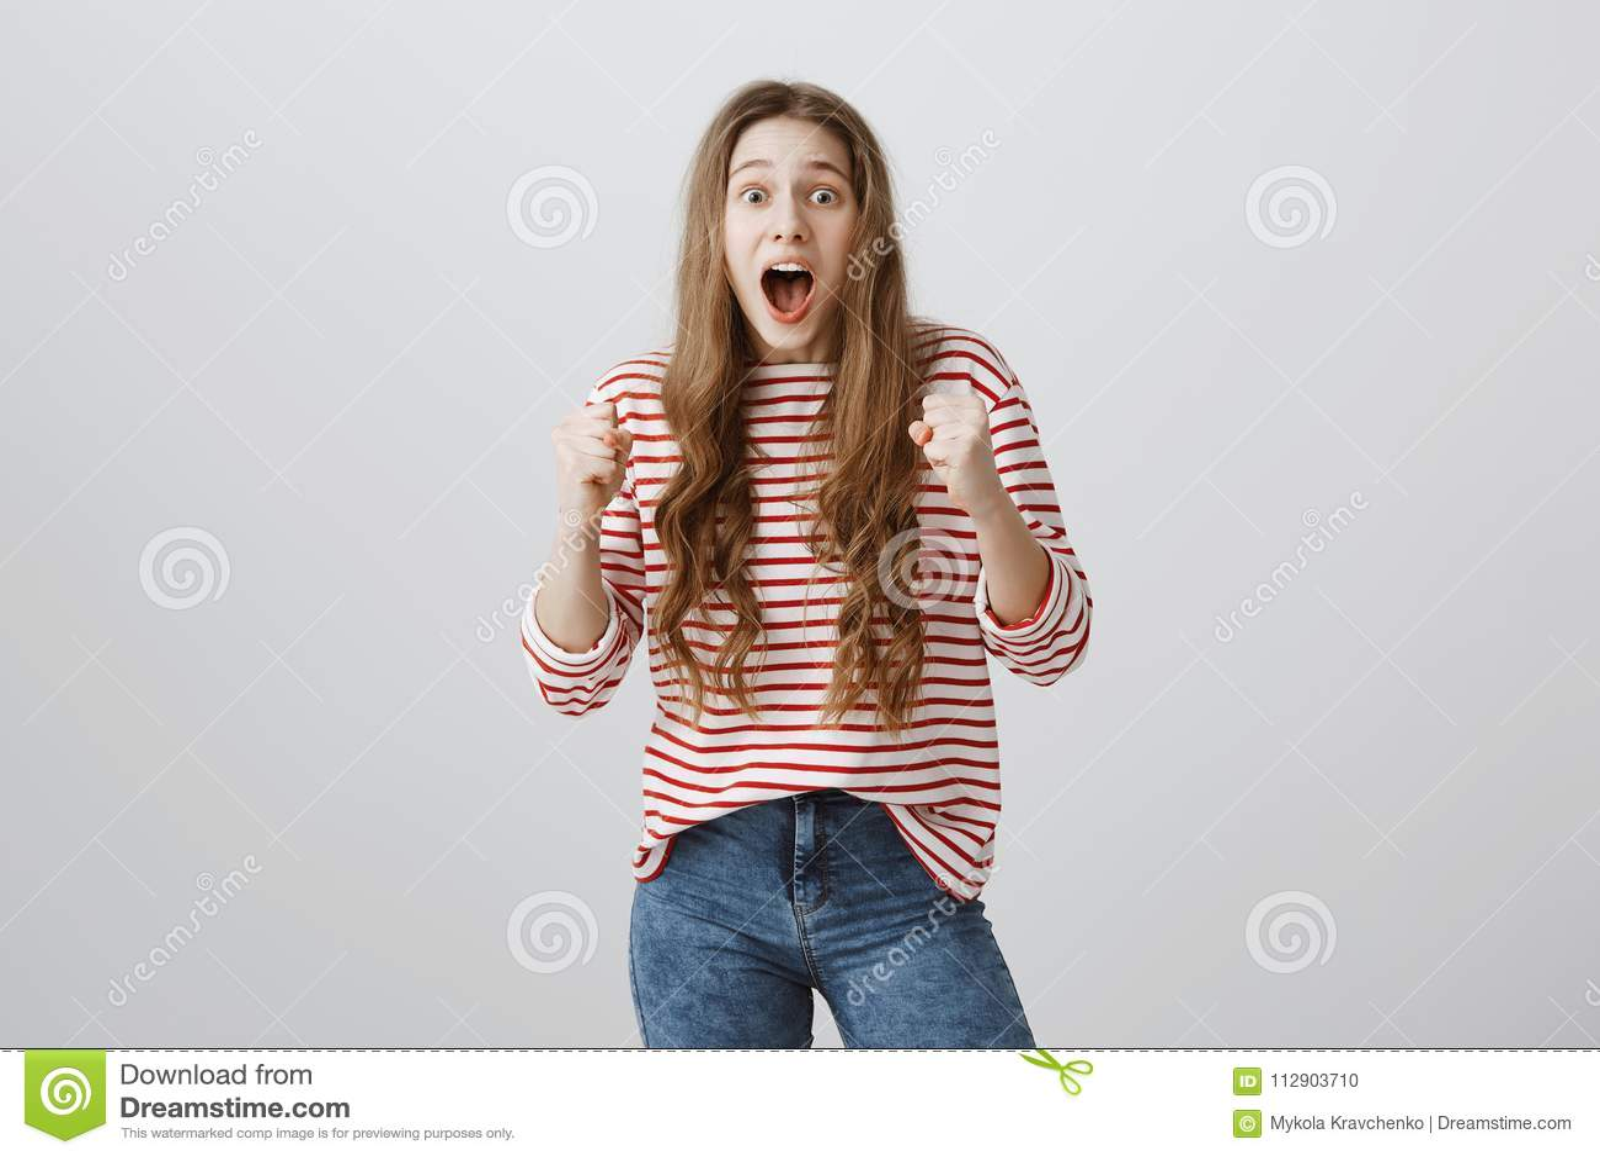 女孩从灌木跳的被惊吓朋友 相当站立与被举的握紧拳头的欧洲少年,喘气